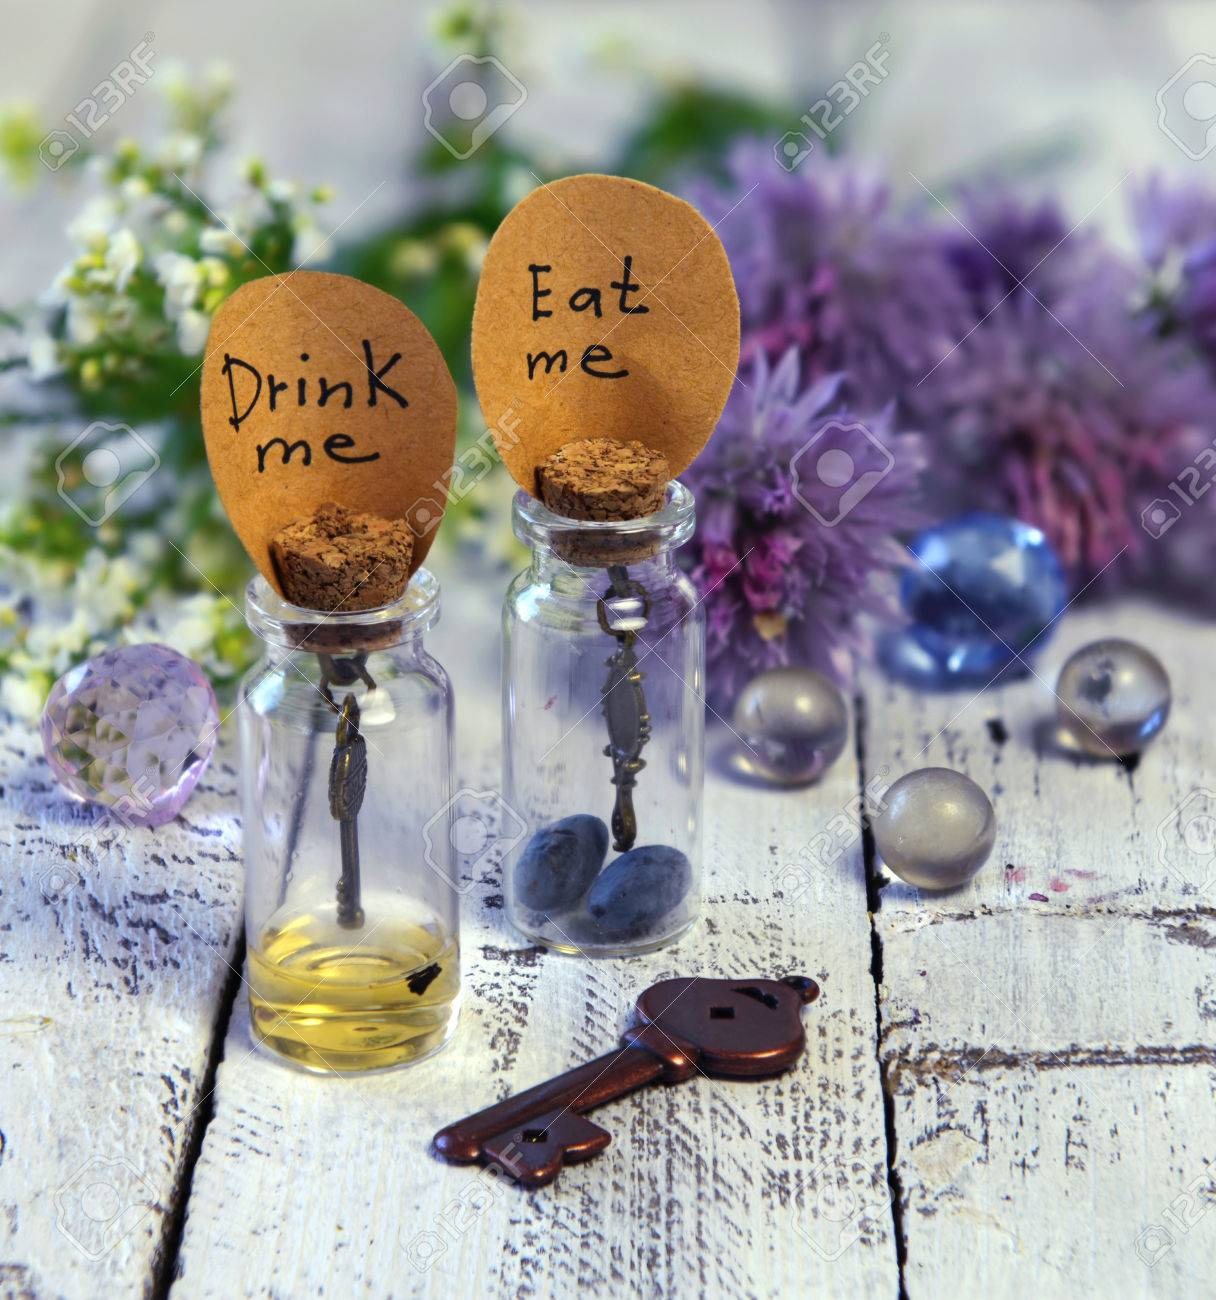 Gros Plan De Jolies Bouteilles Avec Des Etiquettes Me Mangent Et Me